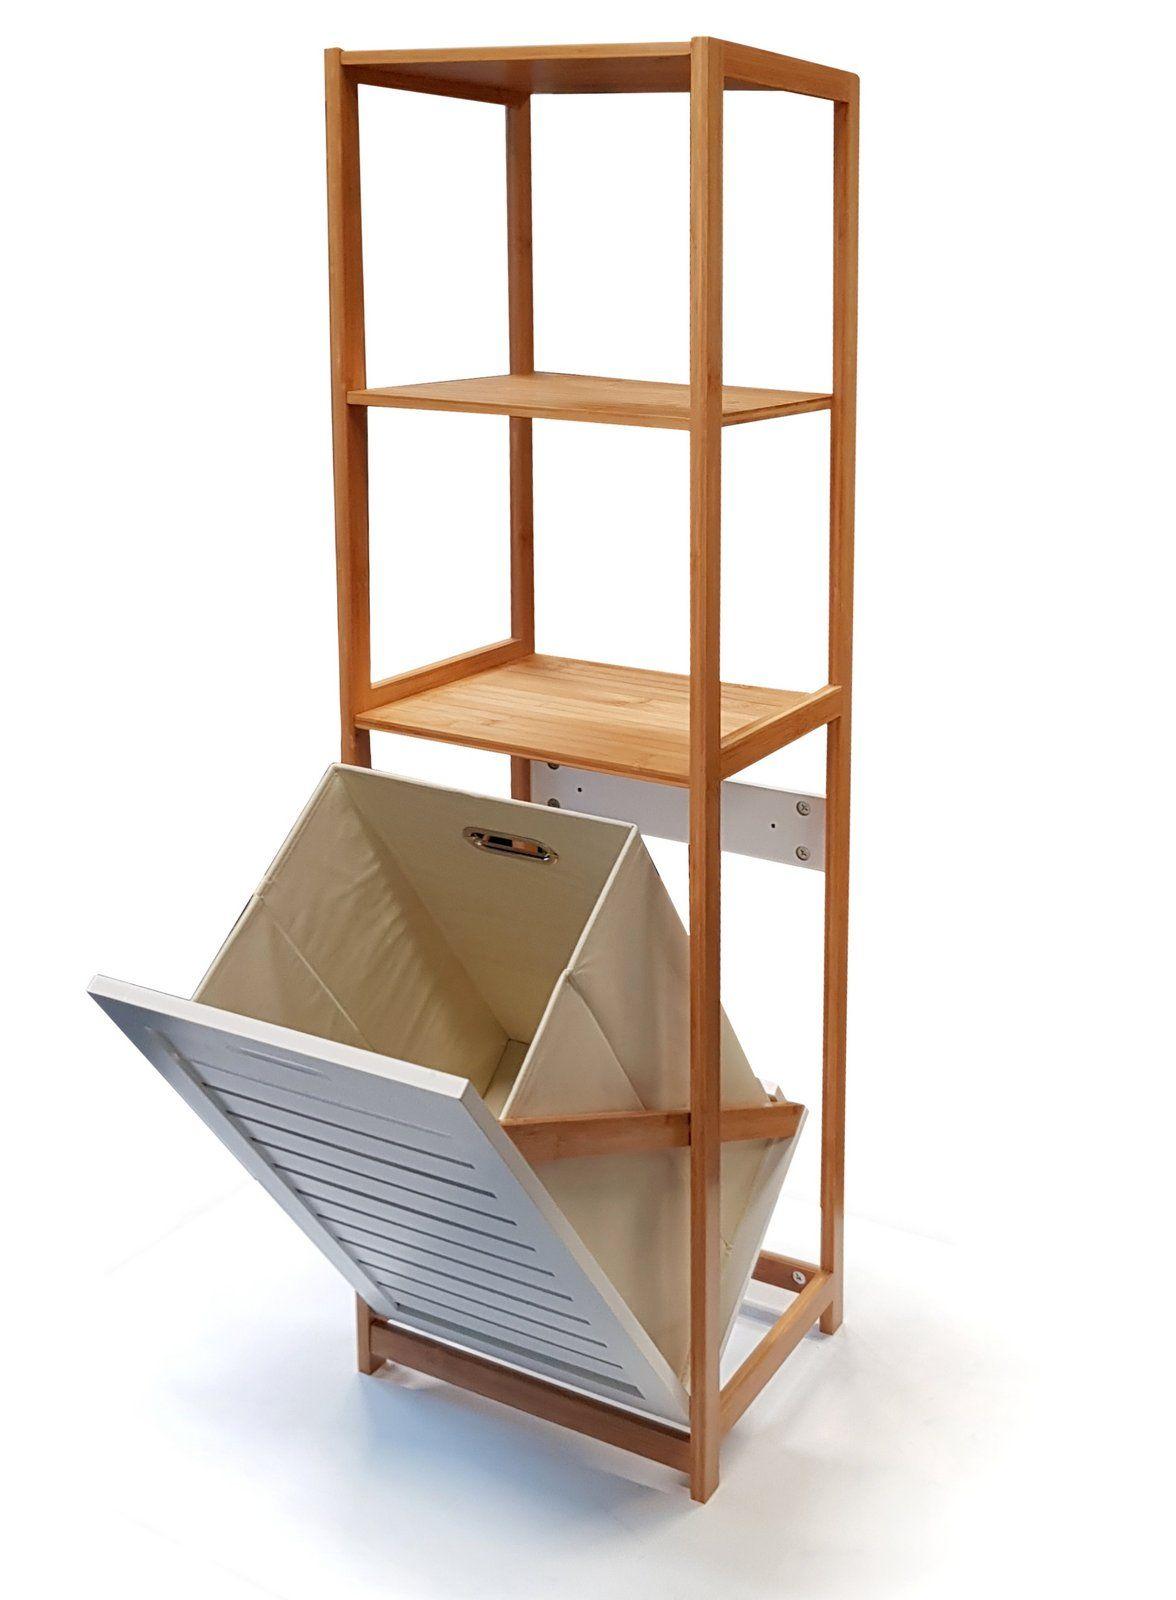 Badregal Nordic Aus Bambus Mit Waschekorb Ausklappbar Die Warme